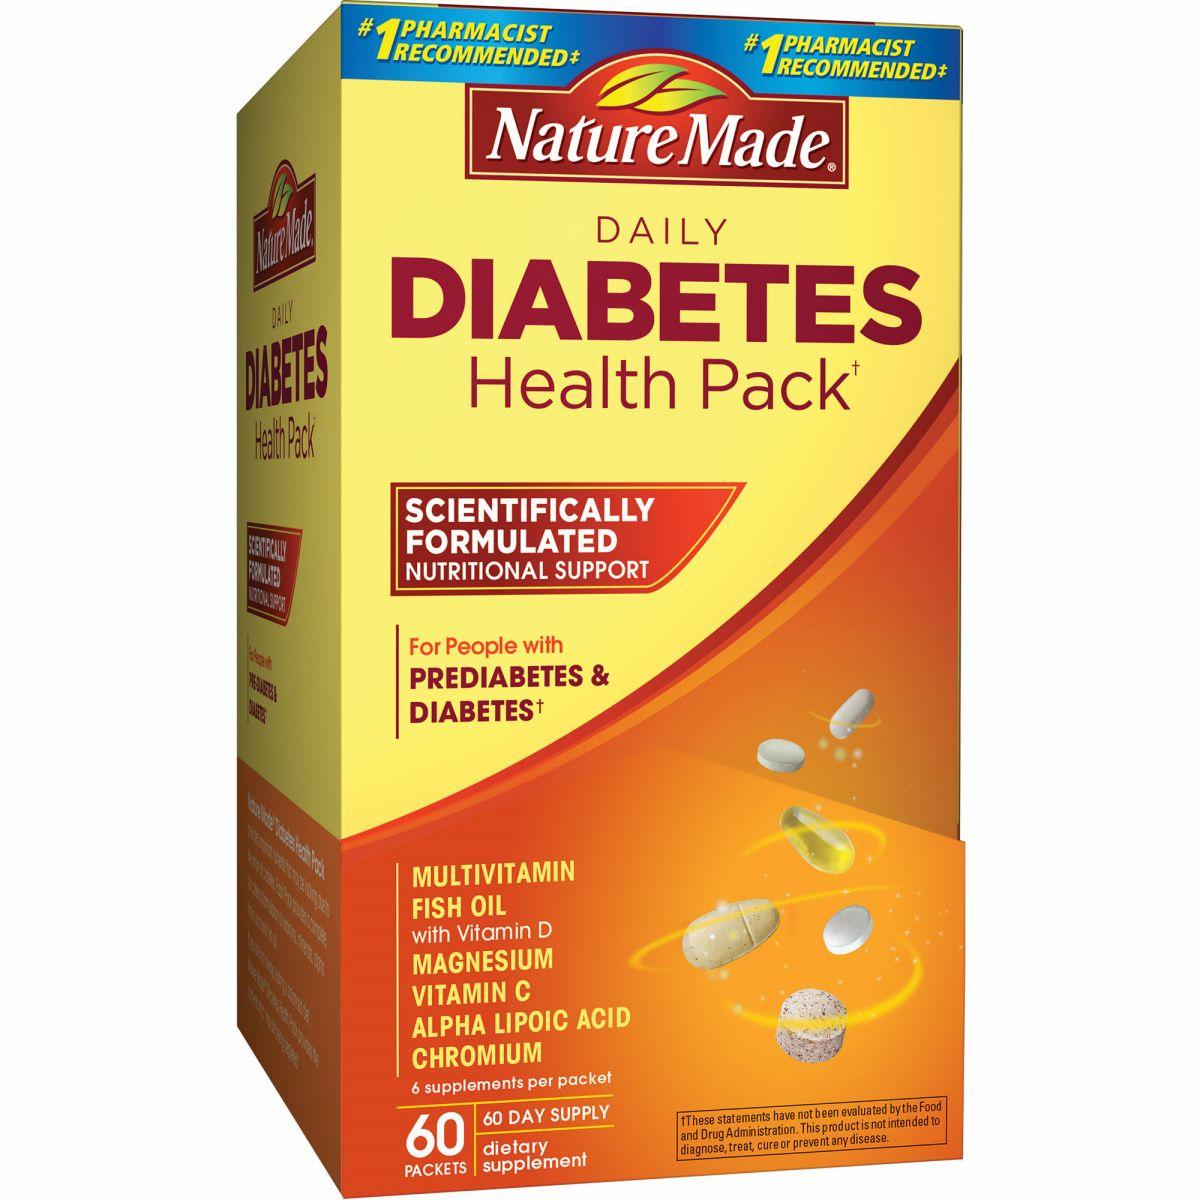 Kết quả hình ảnh cho Thuốc trị tiểu đường Nature Made Diabetes Health Pack Hoa Kỳ